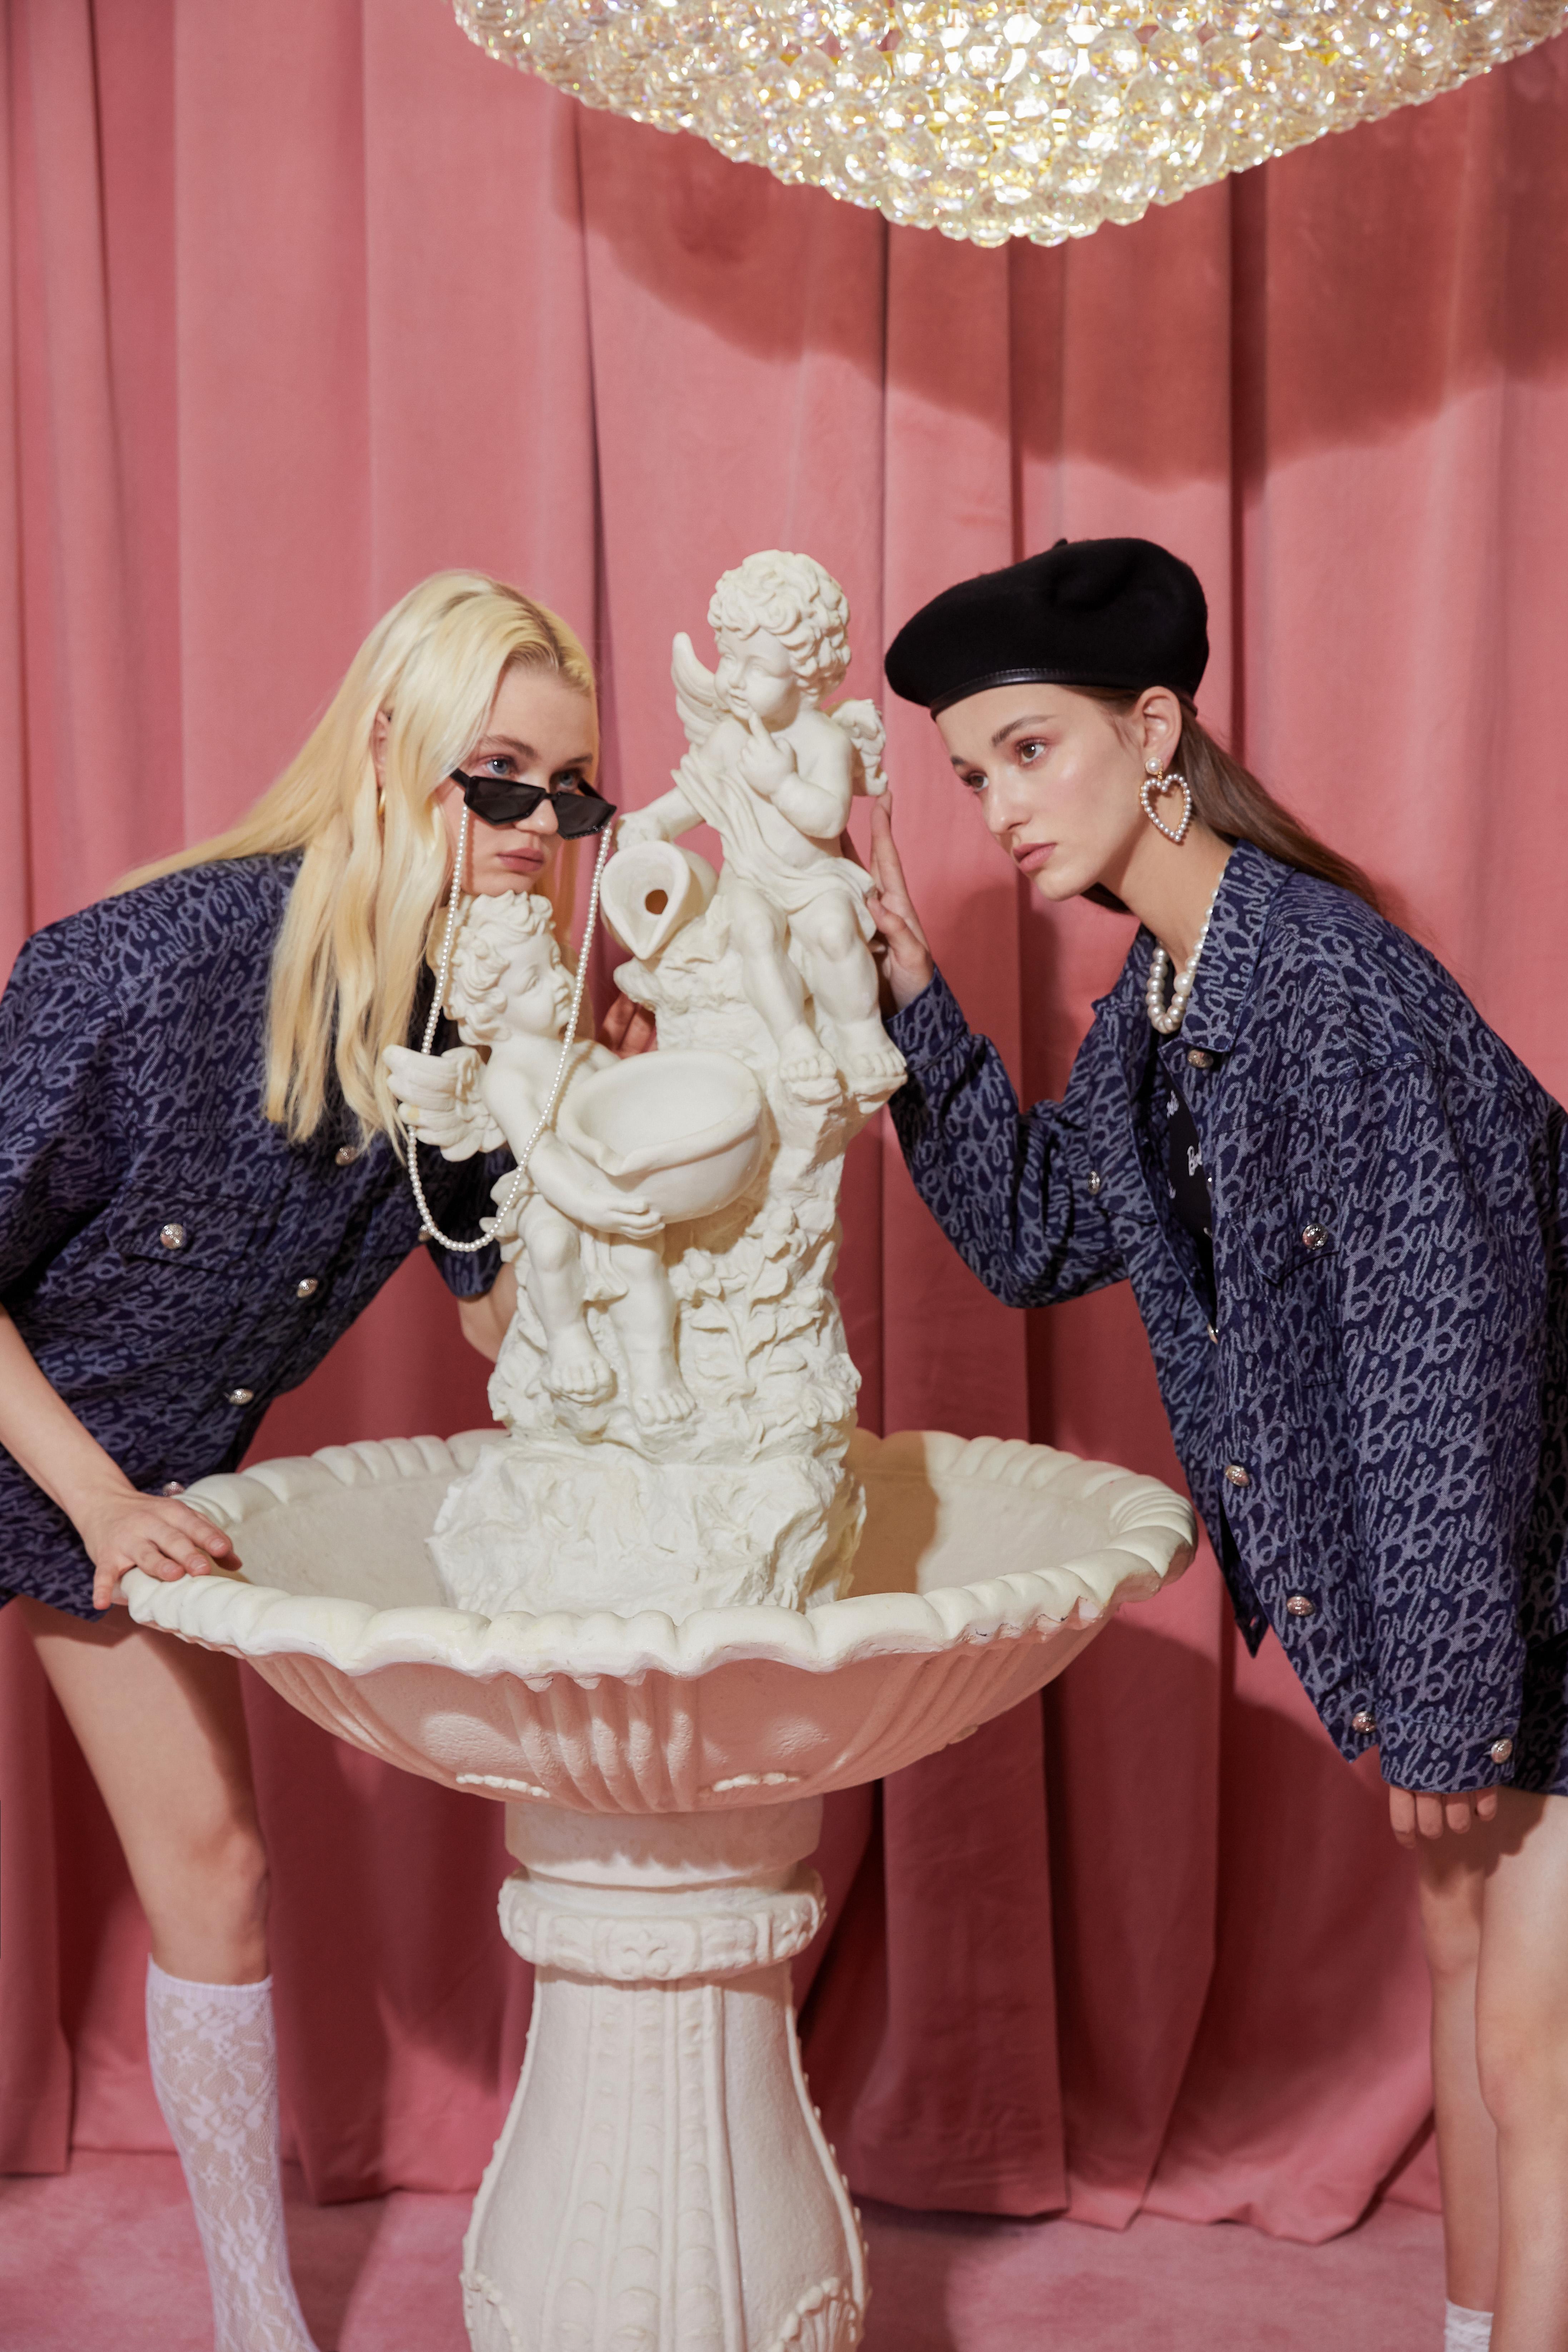 OZLANA x 芭比,公主品牌们的联名有多浪漫?